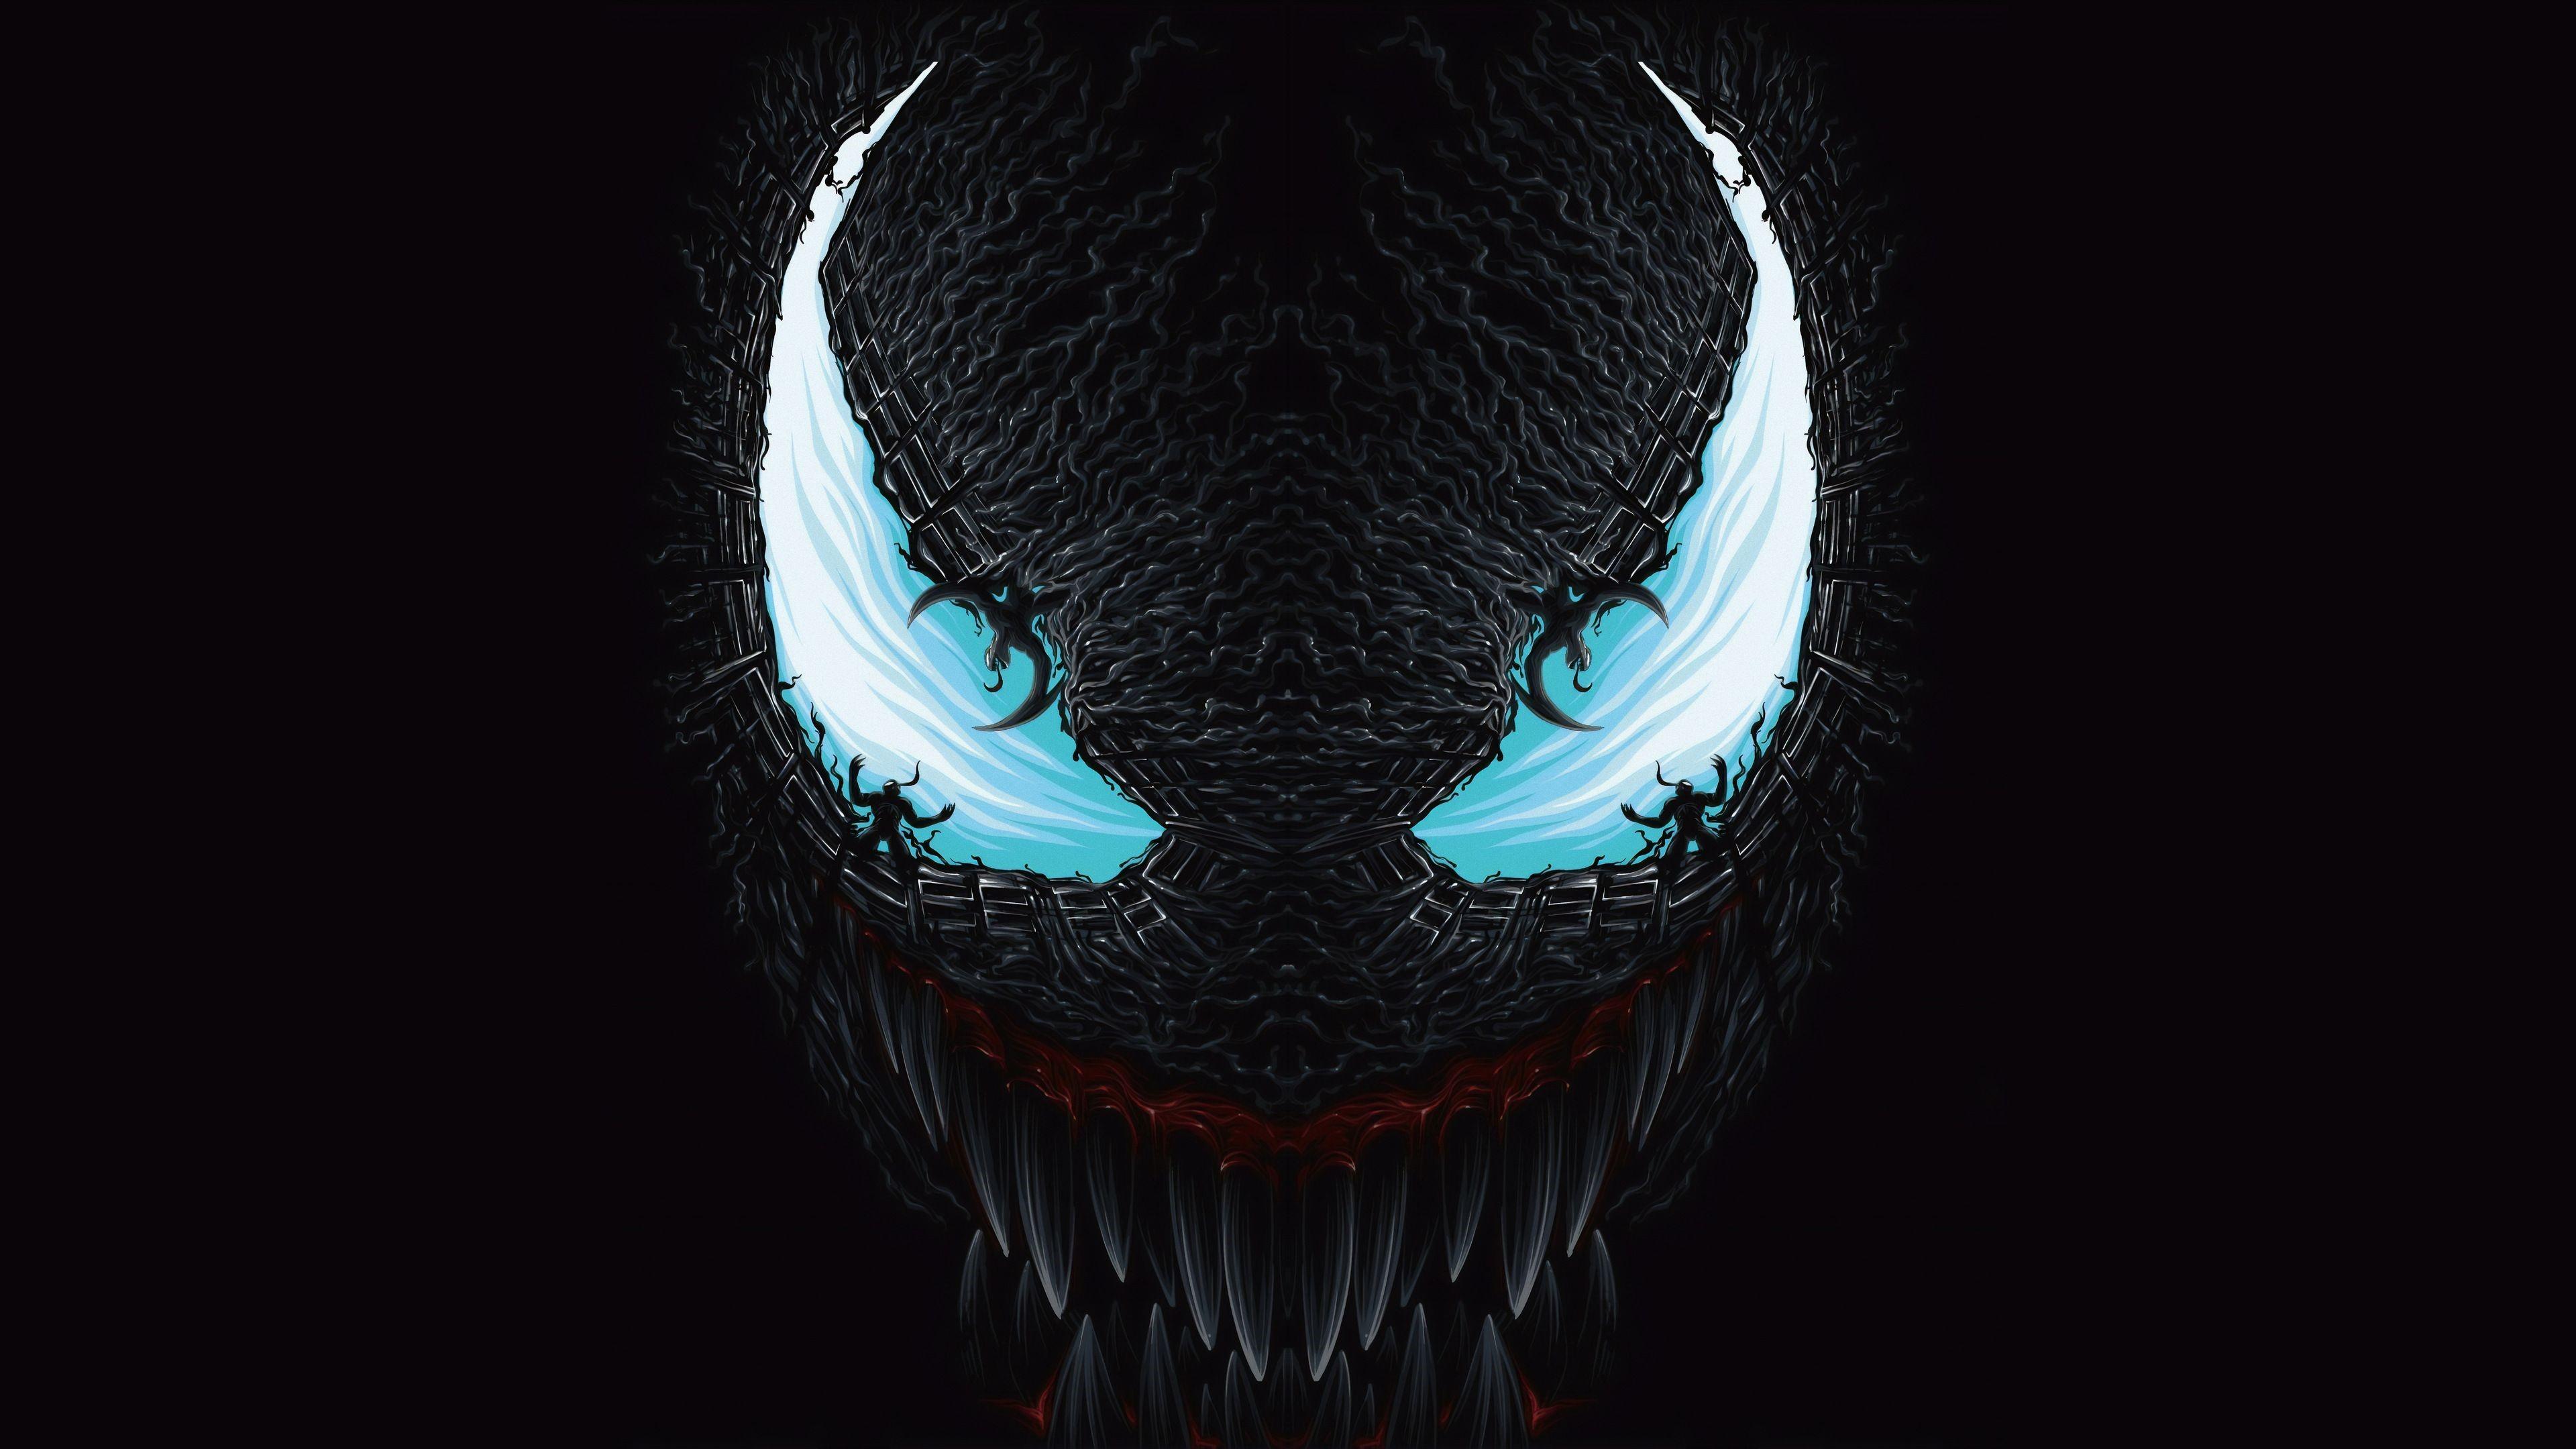 Venom 8k wallpaper